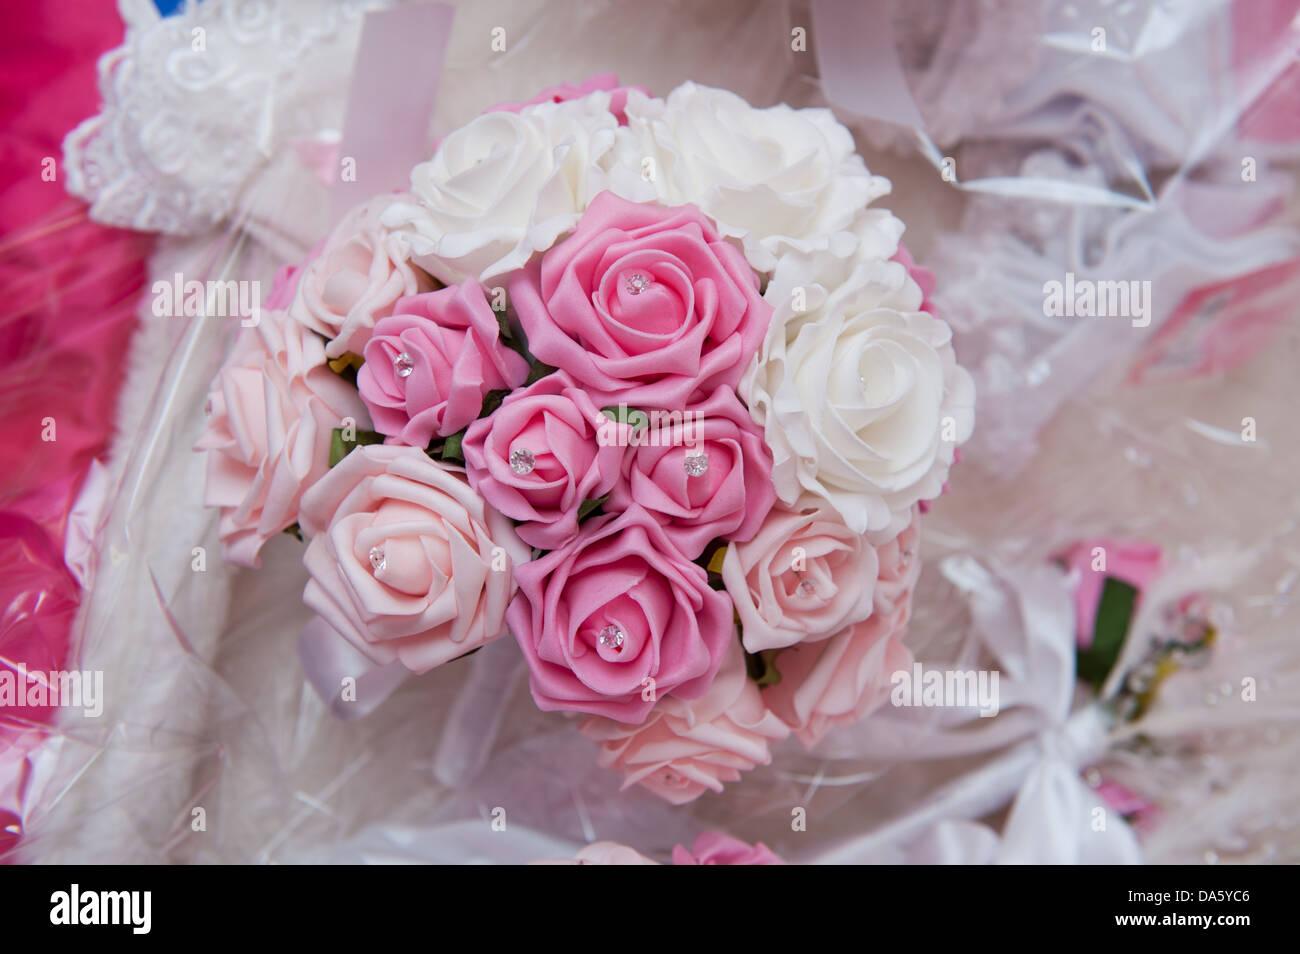 Stoff Rose Blumen Hochzeit Bouquet Mit Diamante Detailliert Auf Eine